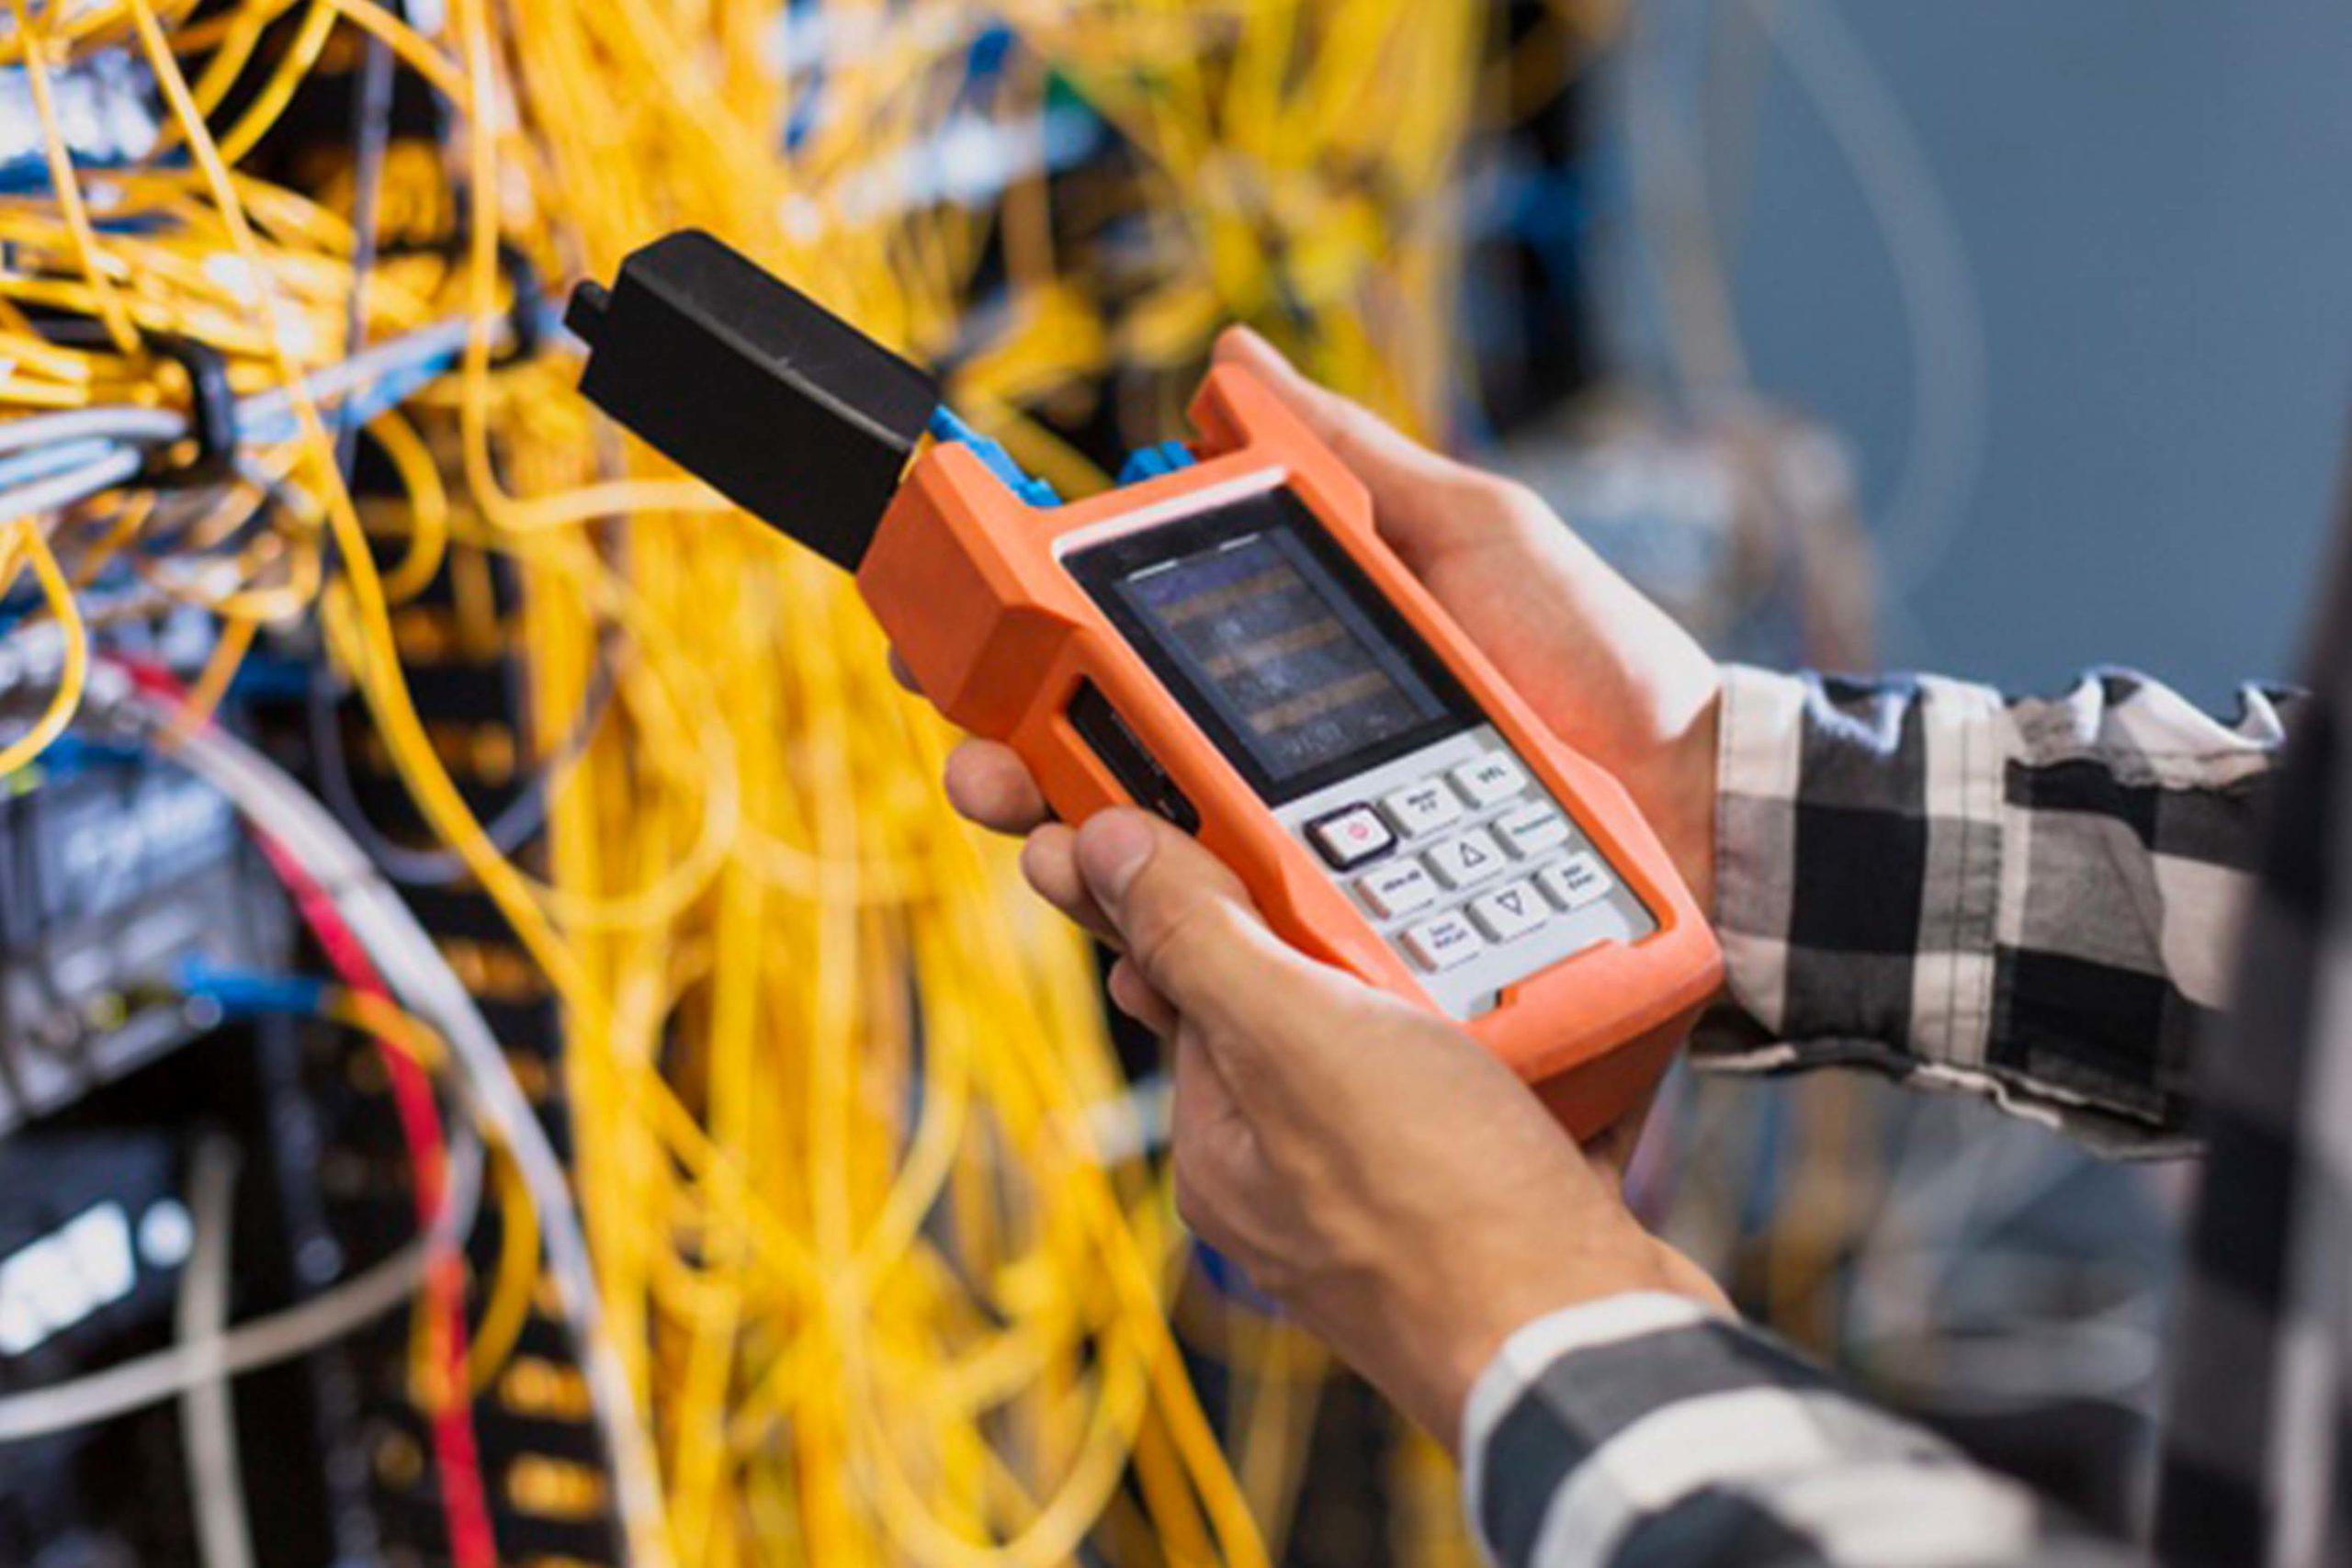 Нормы и правила работы в электроустановках. Безопасное ведение работ, связанных с технической эксплуатацией и обслуживанием электрического и электромеханического оборудования. Диагностика электрооборудования электроэнергетических систем (16.06.2021-22.06.2021)